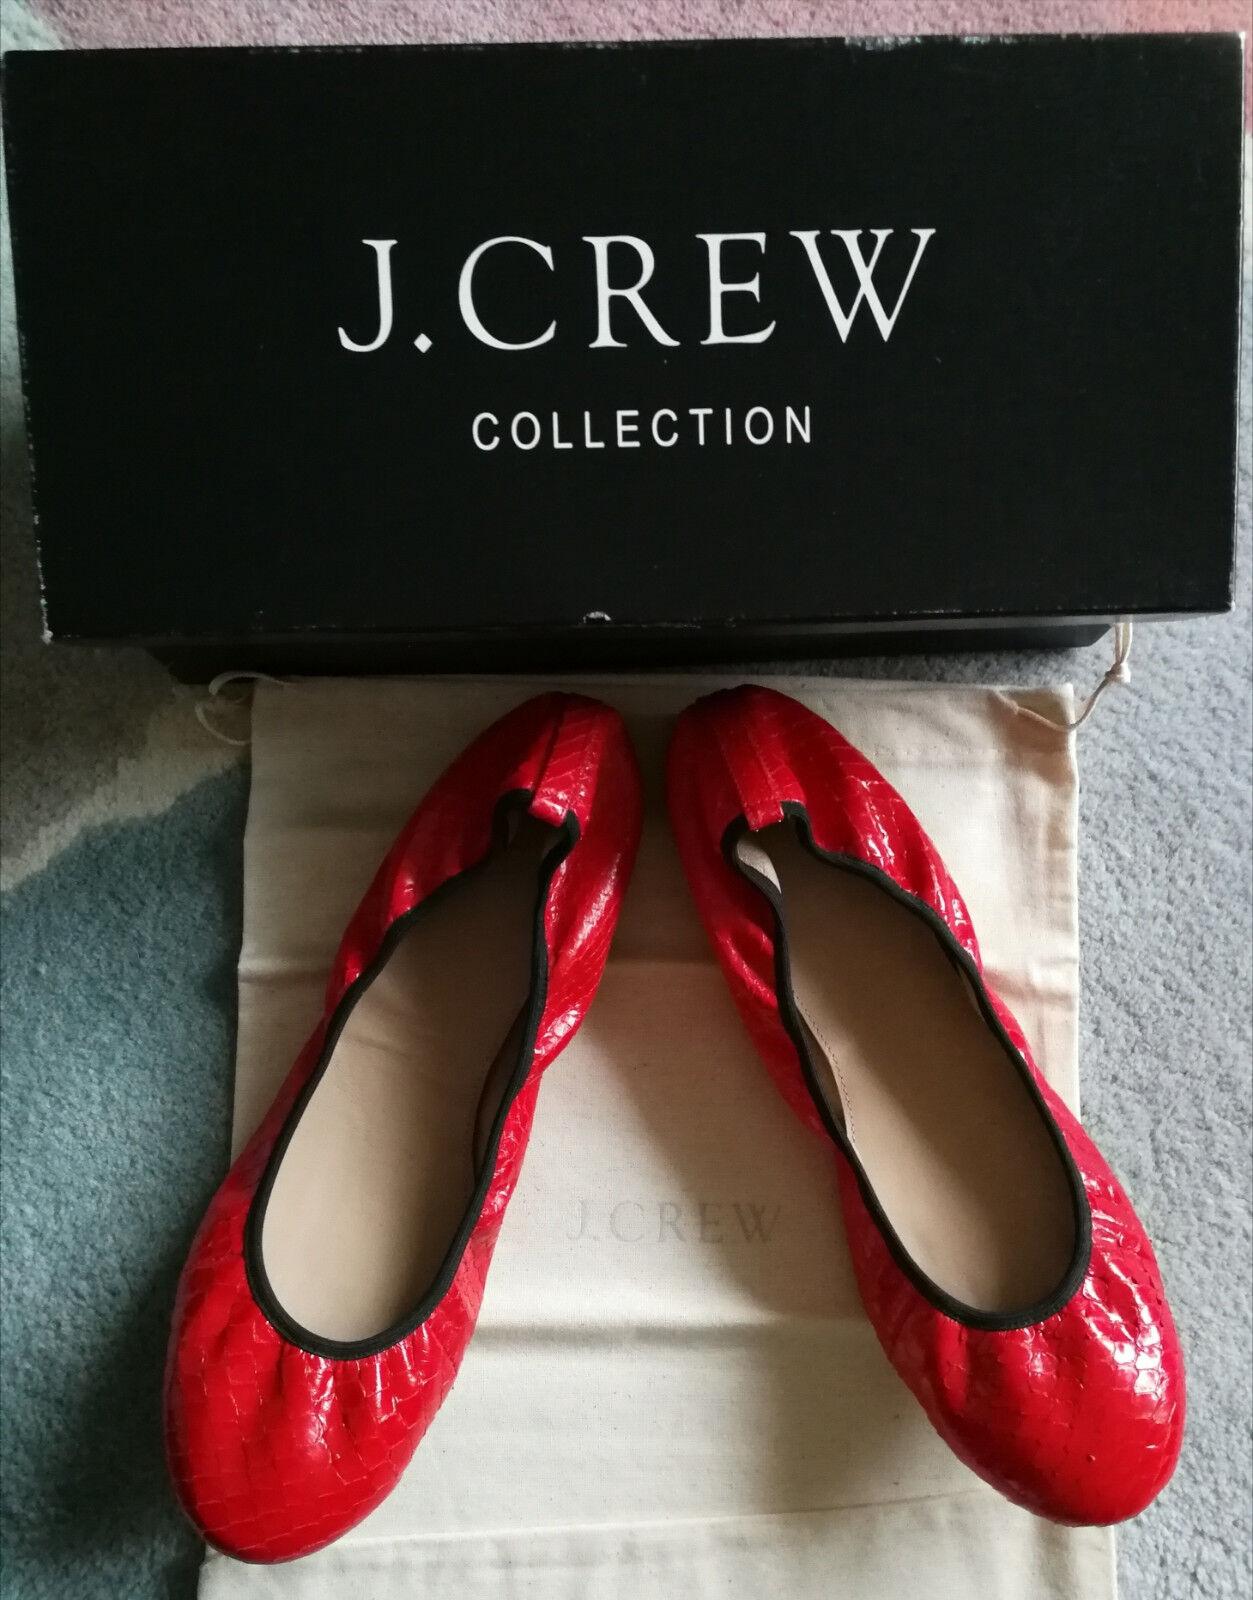 ti aspetto J Crew situazione Reale Pelle Di Serpente Ballerine Piatte Scarpe Scarpe Scarpe in Pelle Rosso 8 USA 5 UK NUOVO  marchio famoso